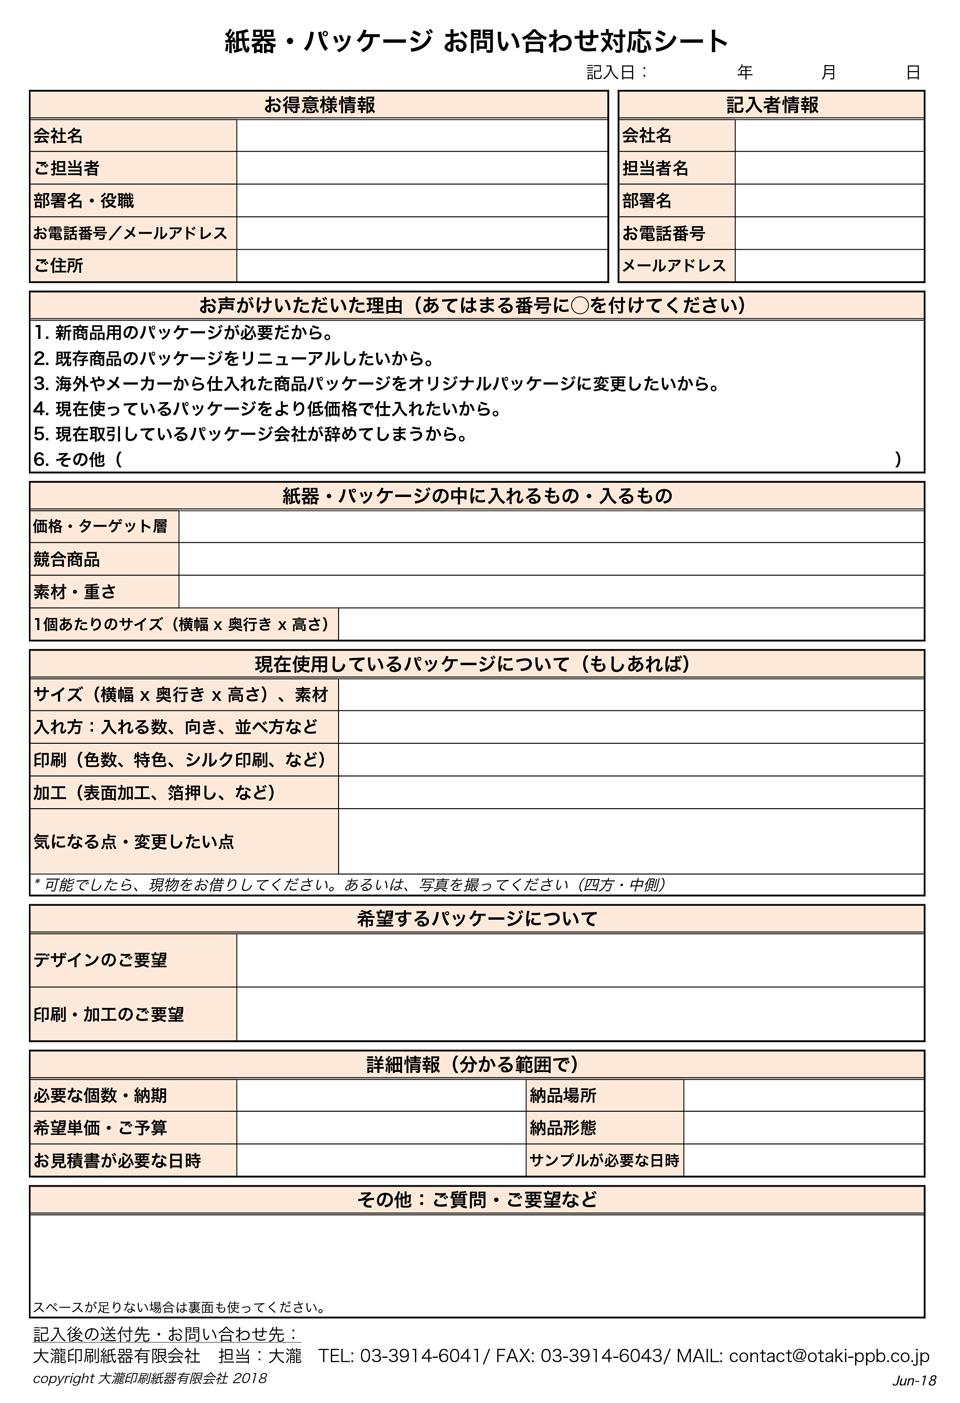 お問い合わせ対応シート イメージ